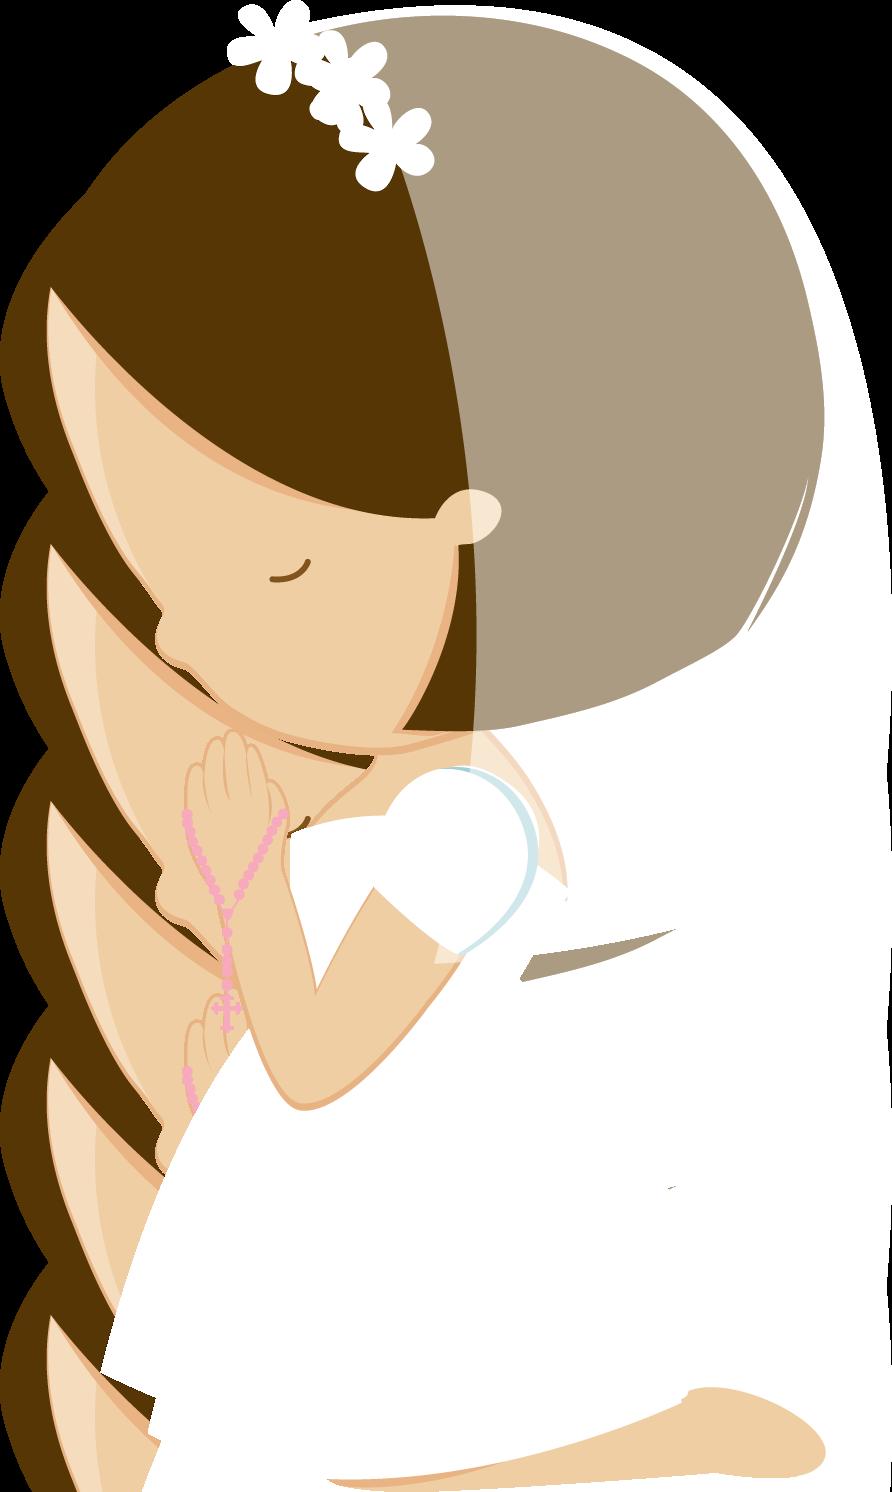 Imagen para primera comunión de niña. | primera comunion ... for Communion Girl Clipart  111ane